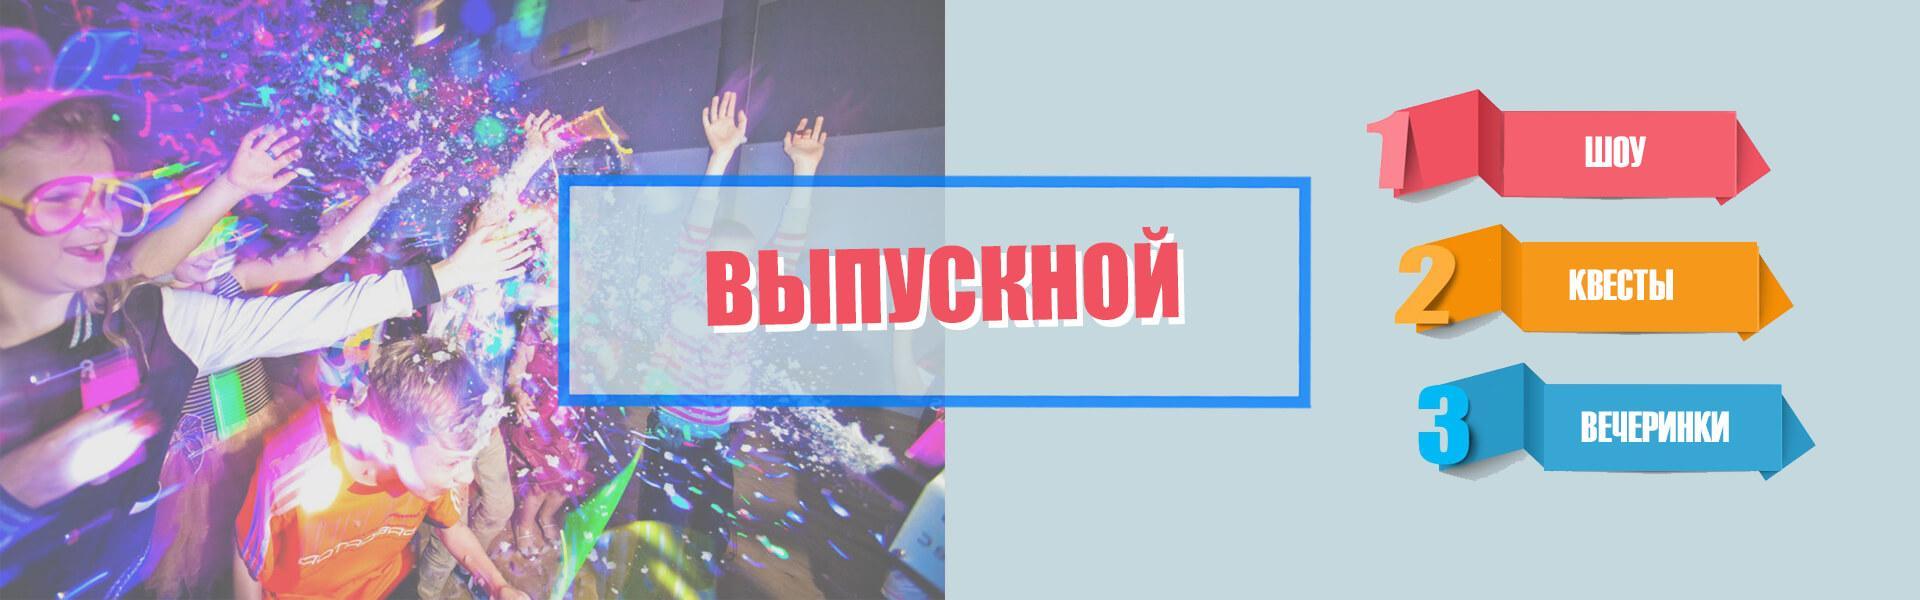 vipusknoy-2018